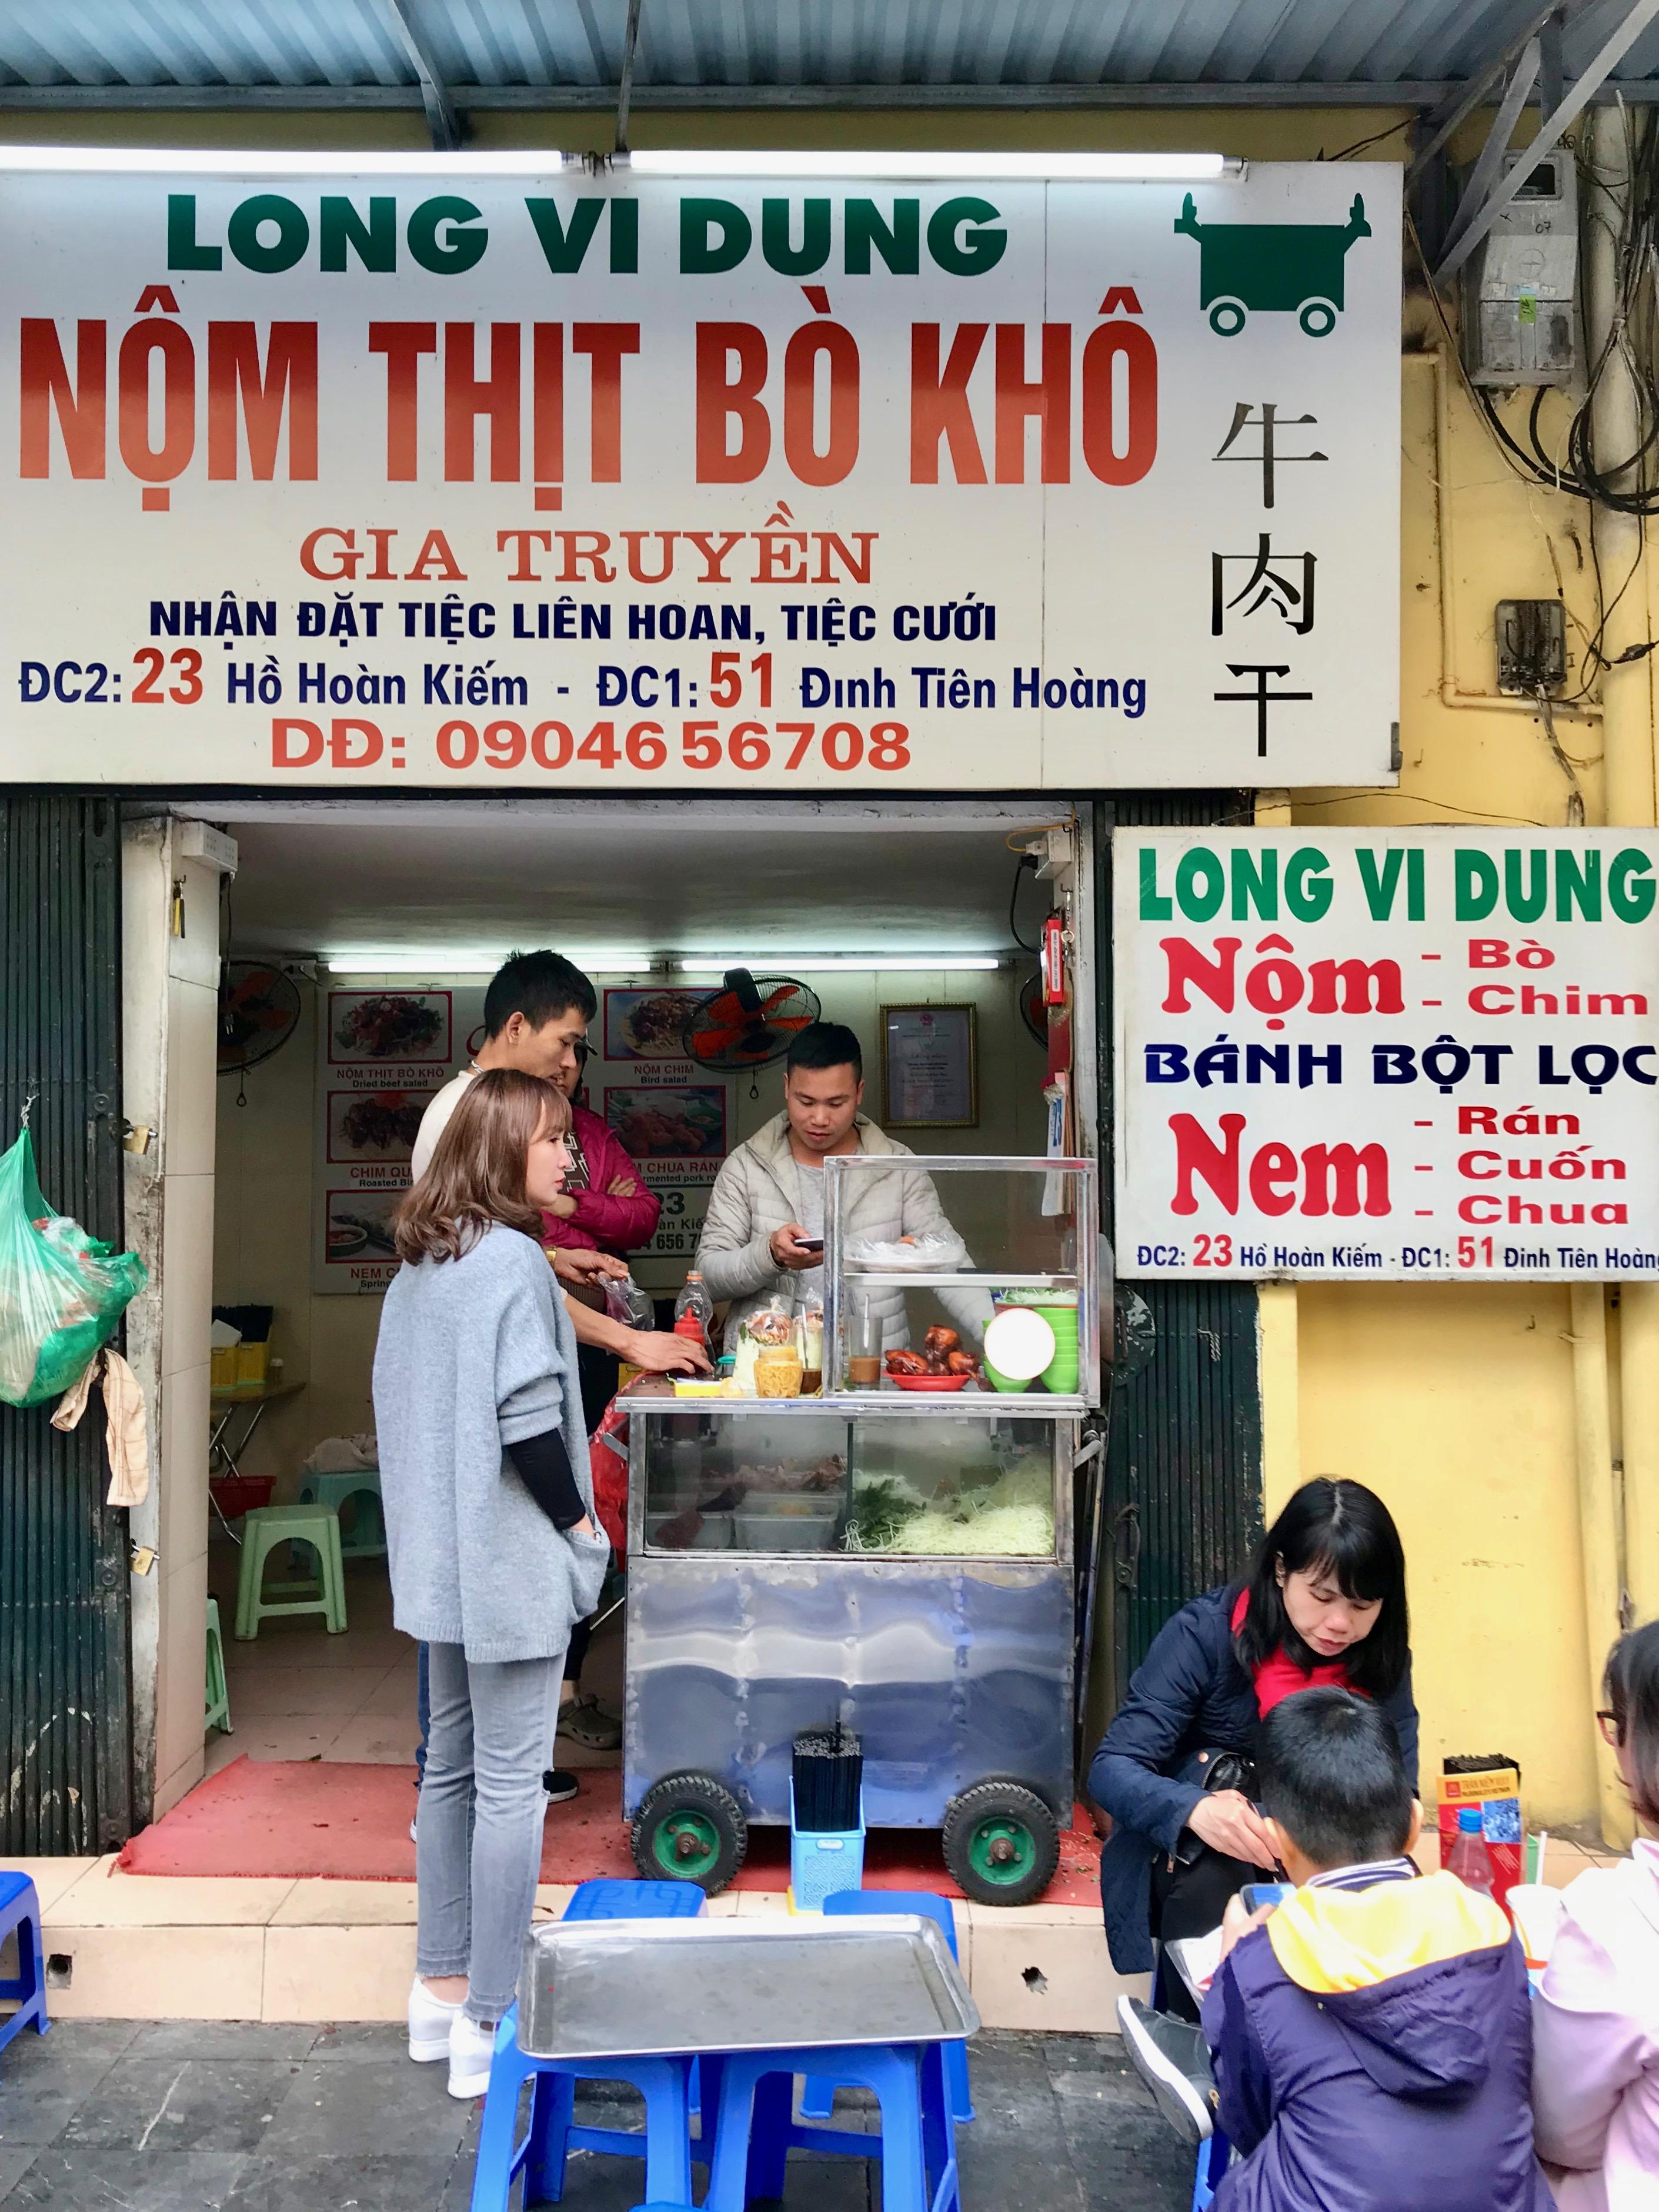 Nom Thit Bo Kho, Hanoi